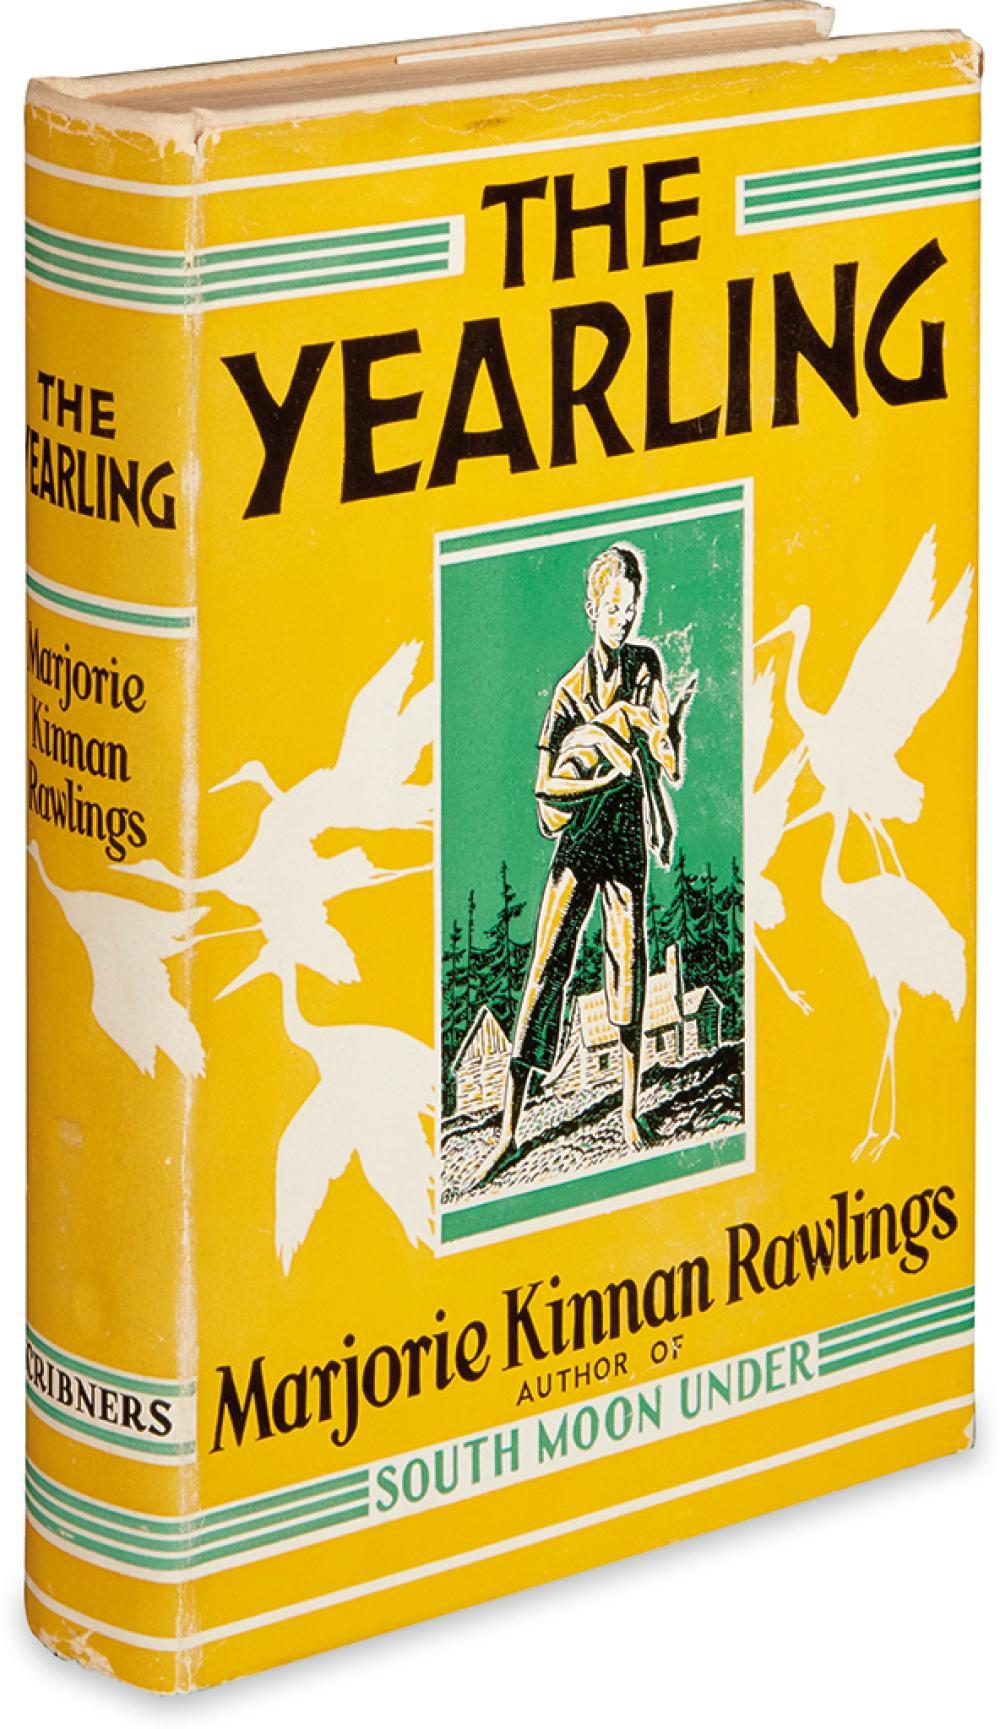 (CHILDREN'S LITERATURE.) RAWLINGS, MARJORIE KINNAN. The Yearling.